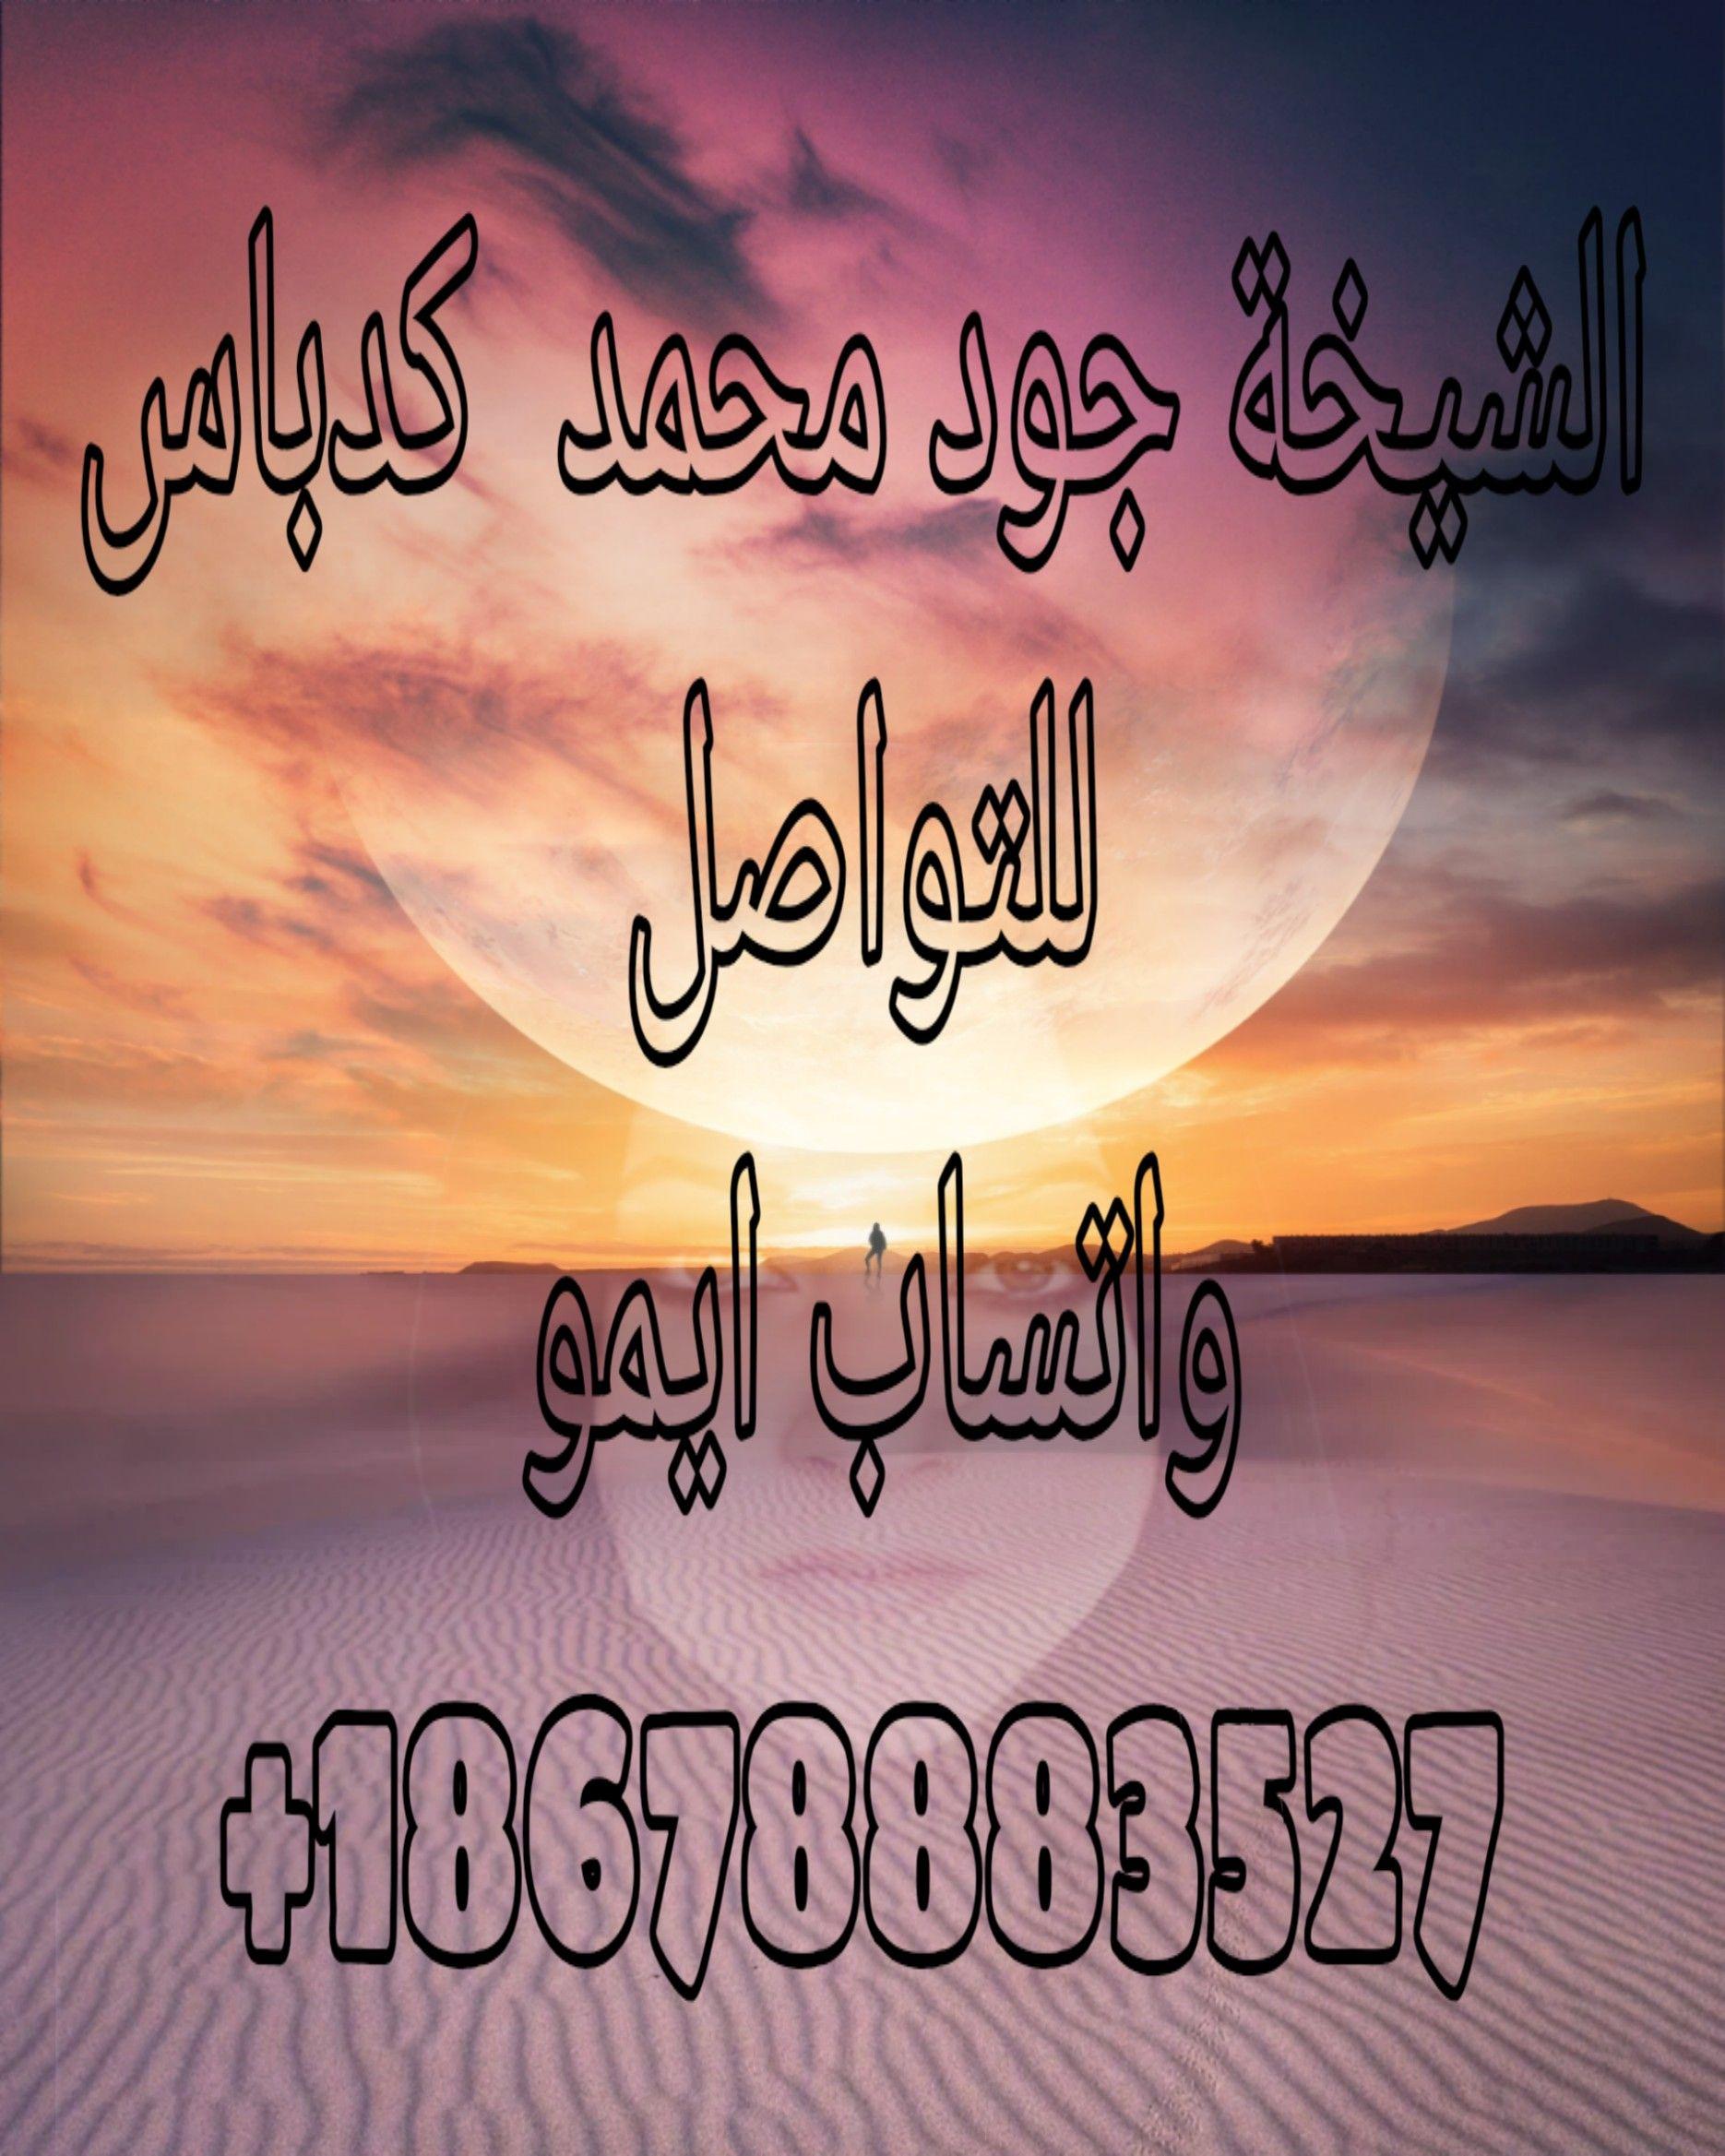 الشيخة جود كدباس من اقوى الشيوخ في العالم الشيخة جود كدباس 18678883555 Arabic Calligraphy Calligraphy Art